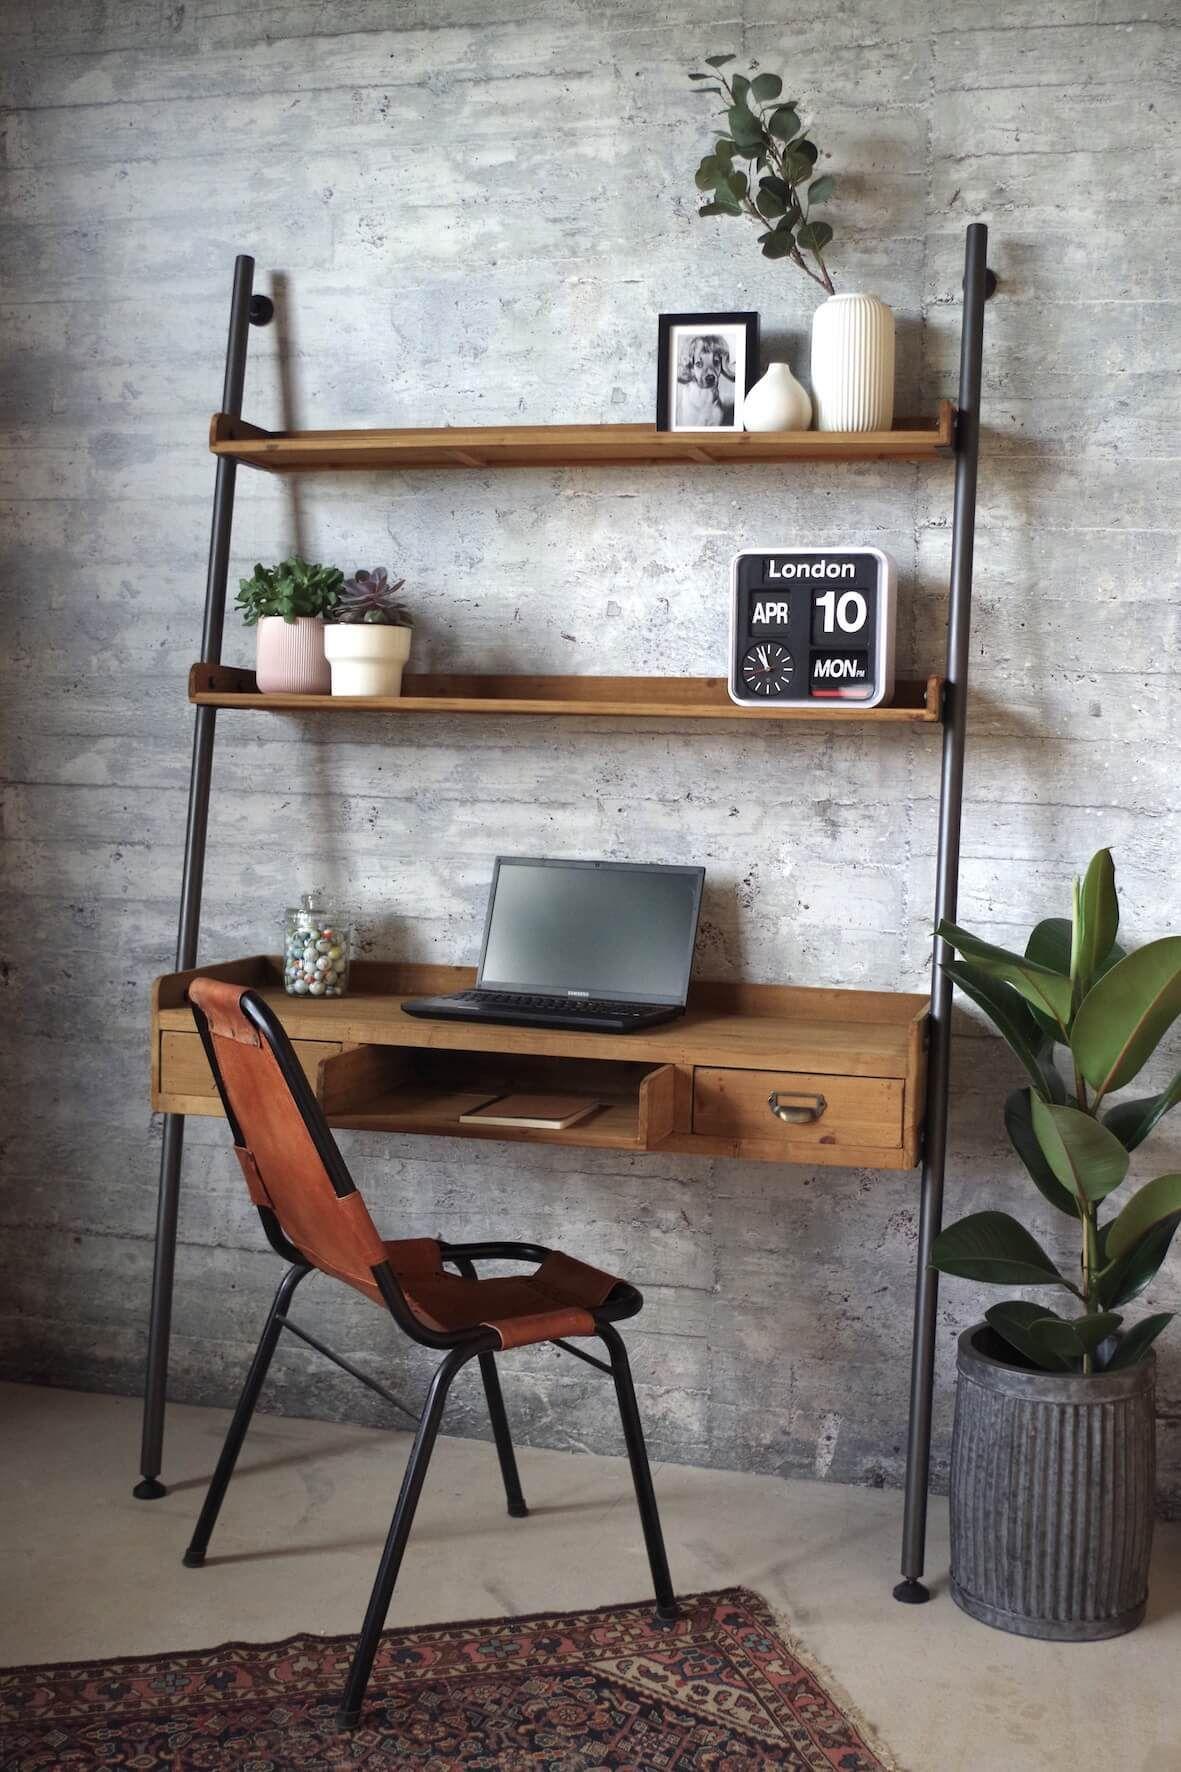 Rustic Ladder Desk Desk In Living Room Home Office Design Ladder Desk